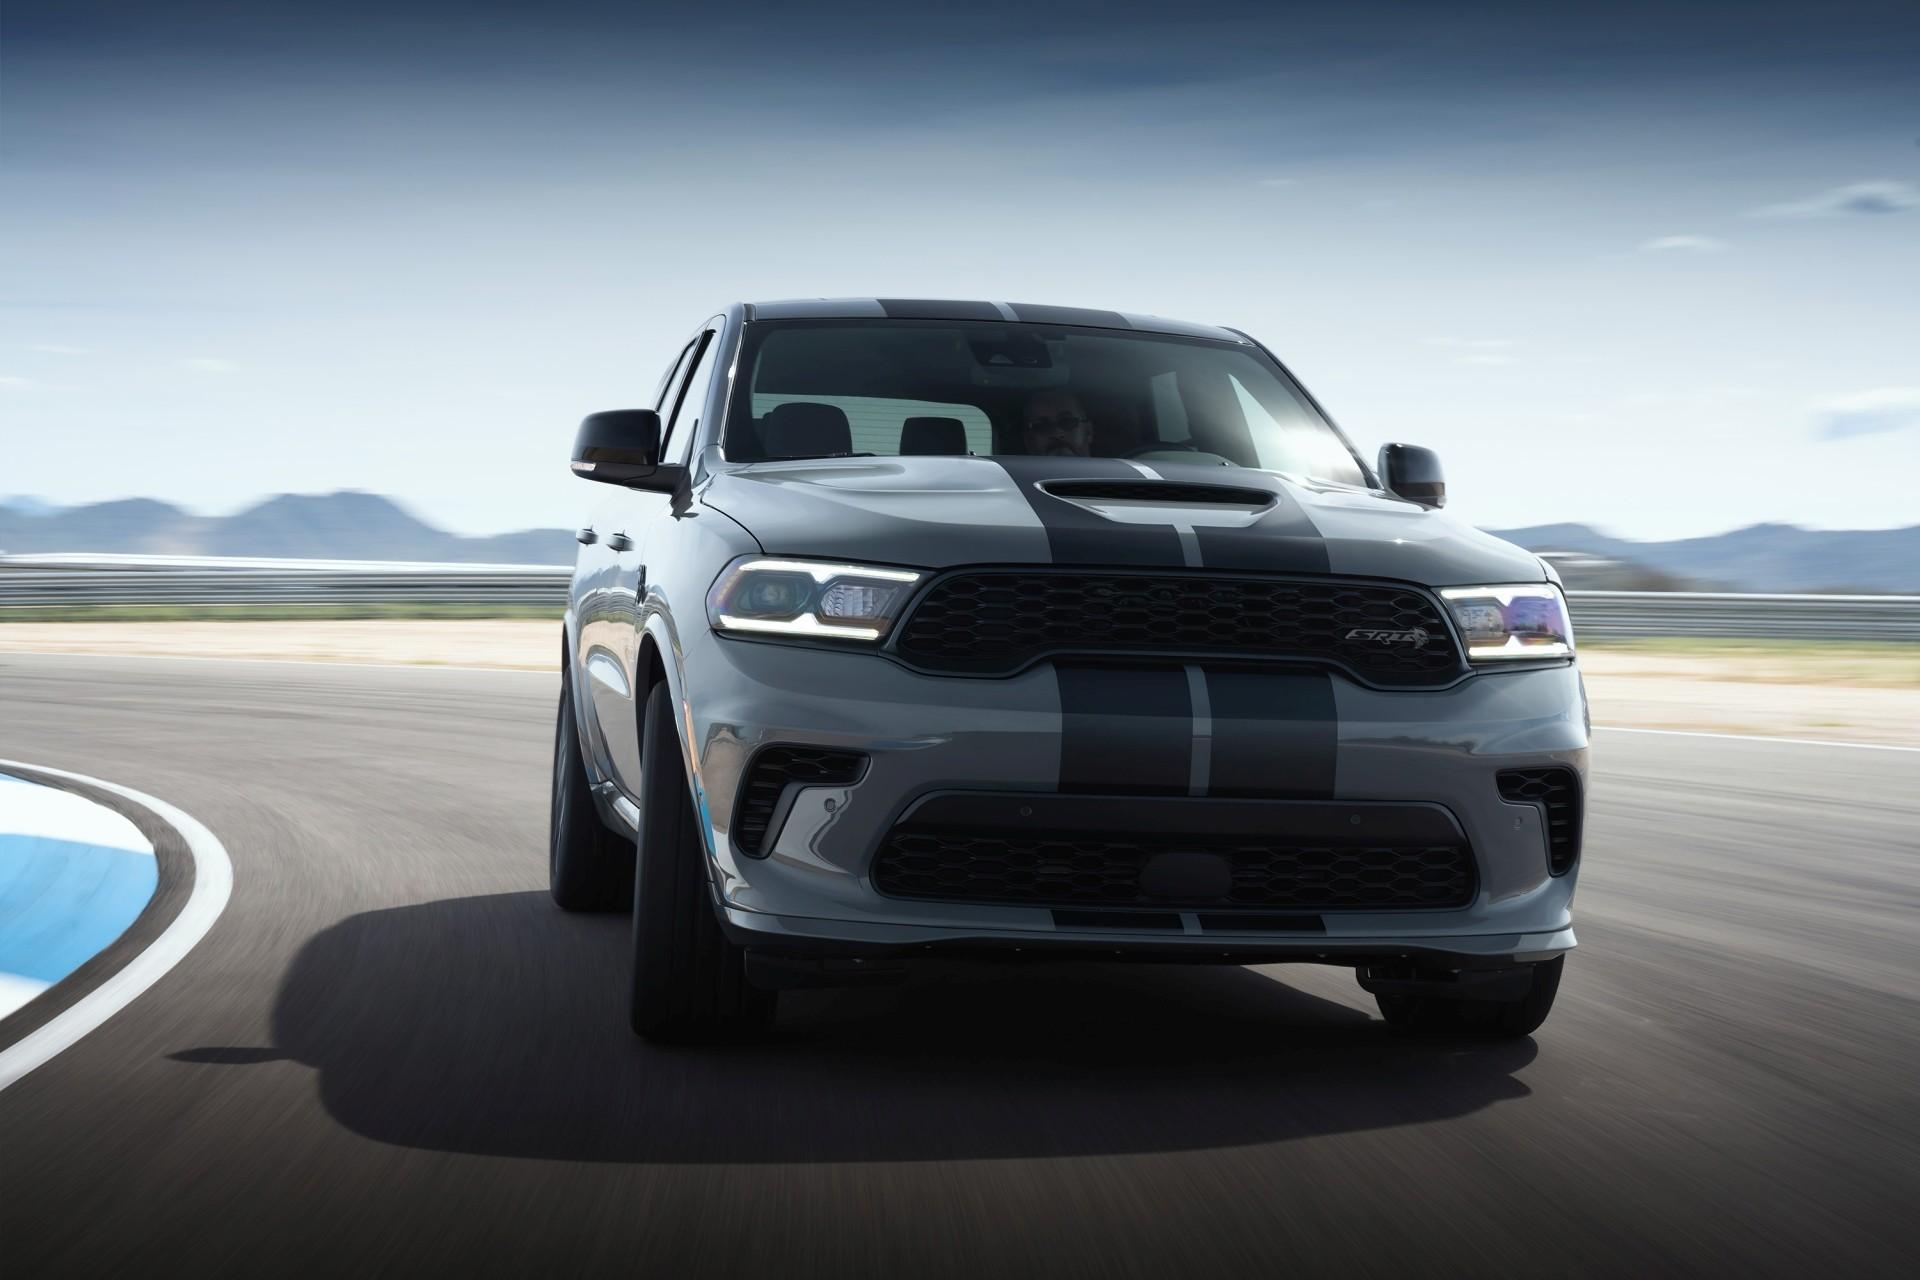 The New 2021 Dodge Durango 7 Seater Suv Interior Gallery Dodge Canada